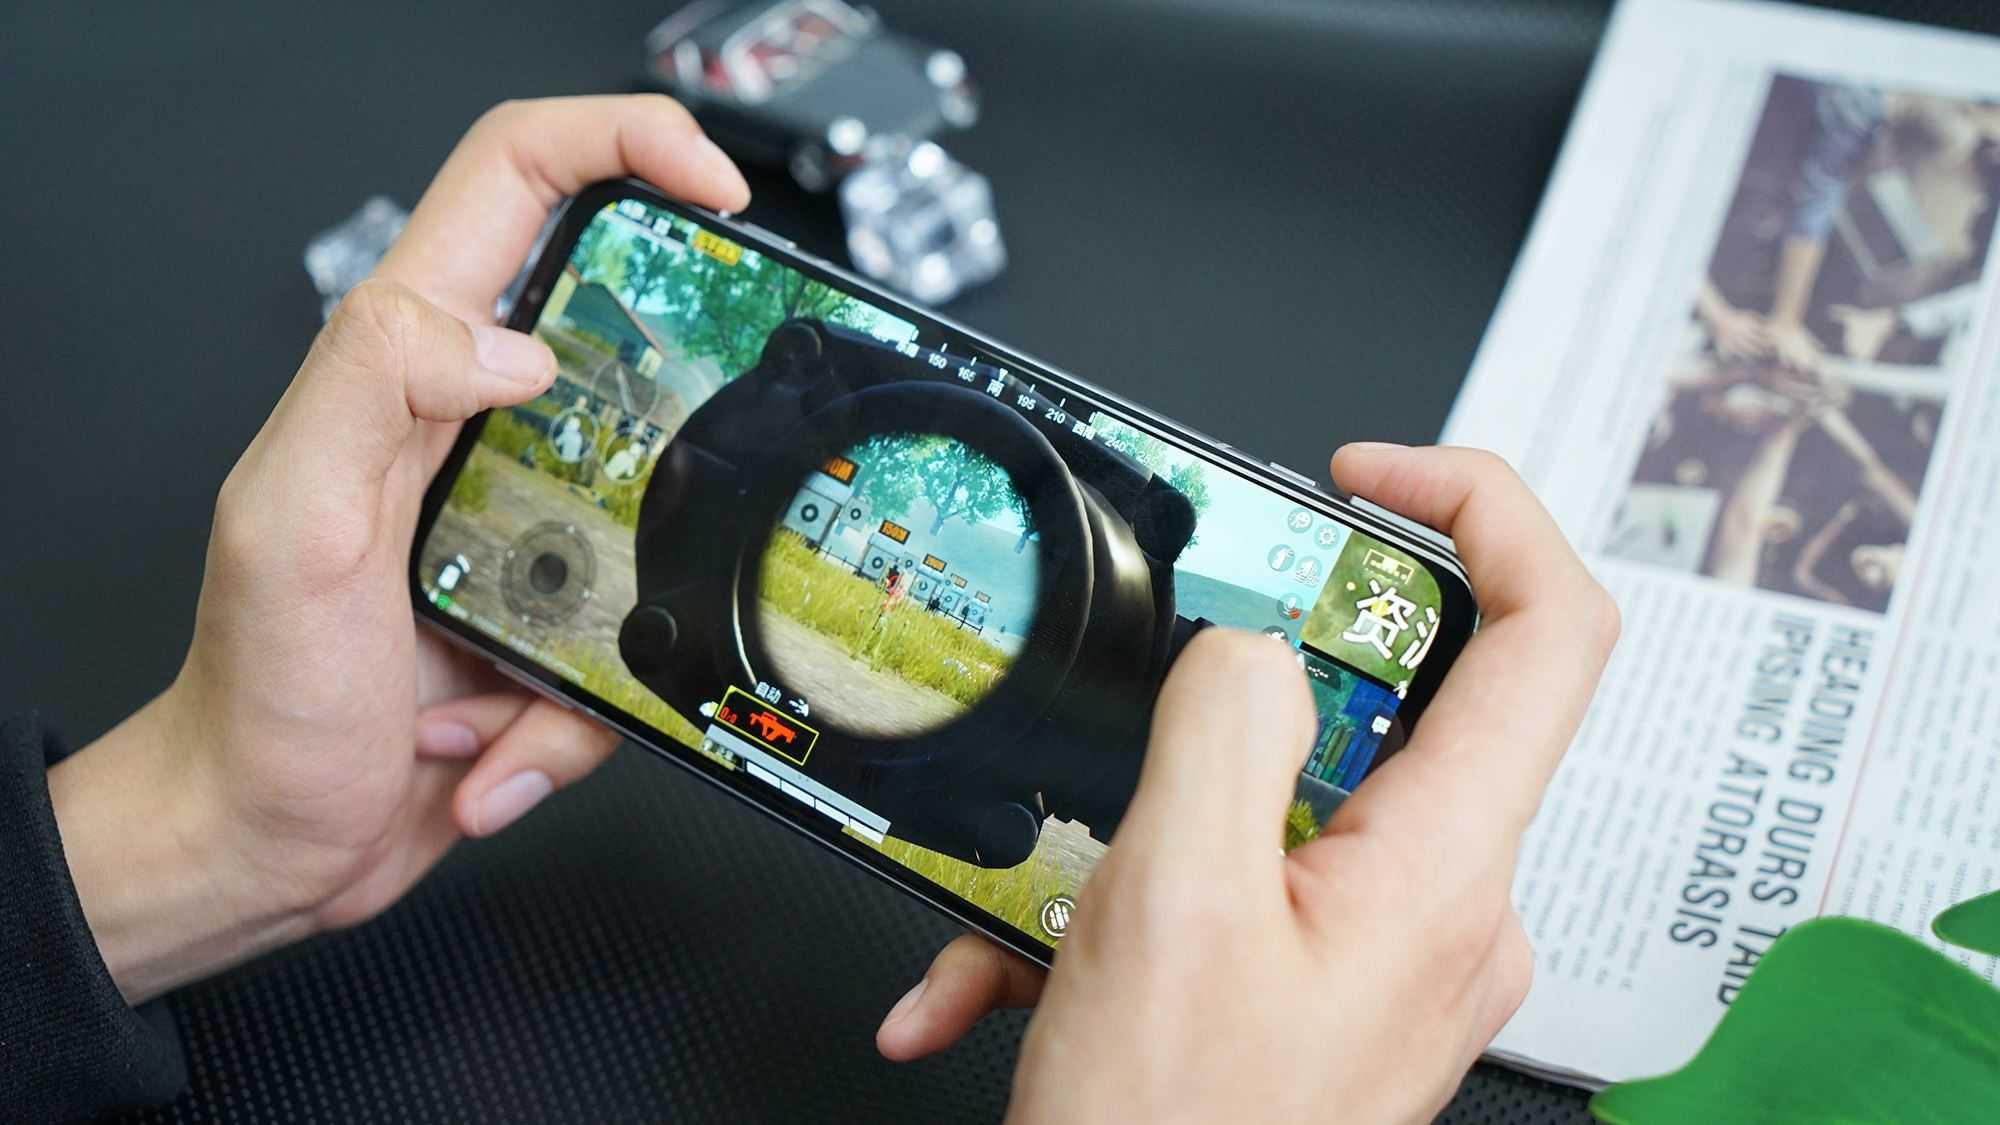 黑鲨3pro屏幕刷新率是多少_黑鲨3pro屏幕刷新率怎么调